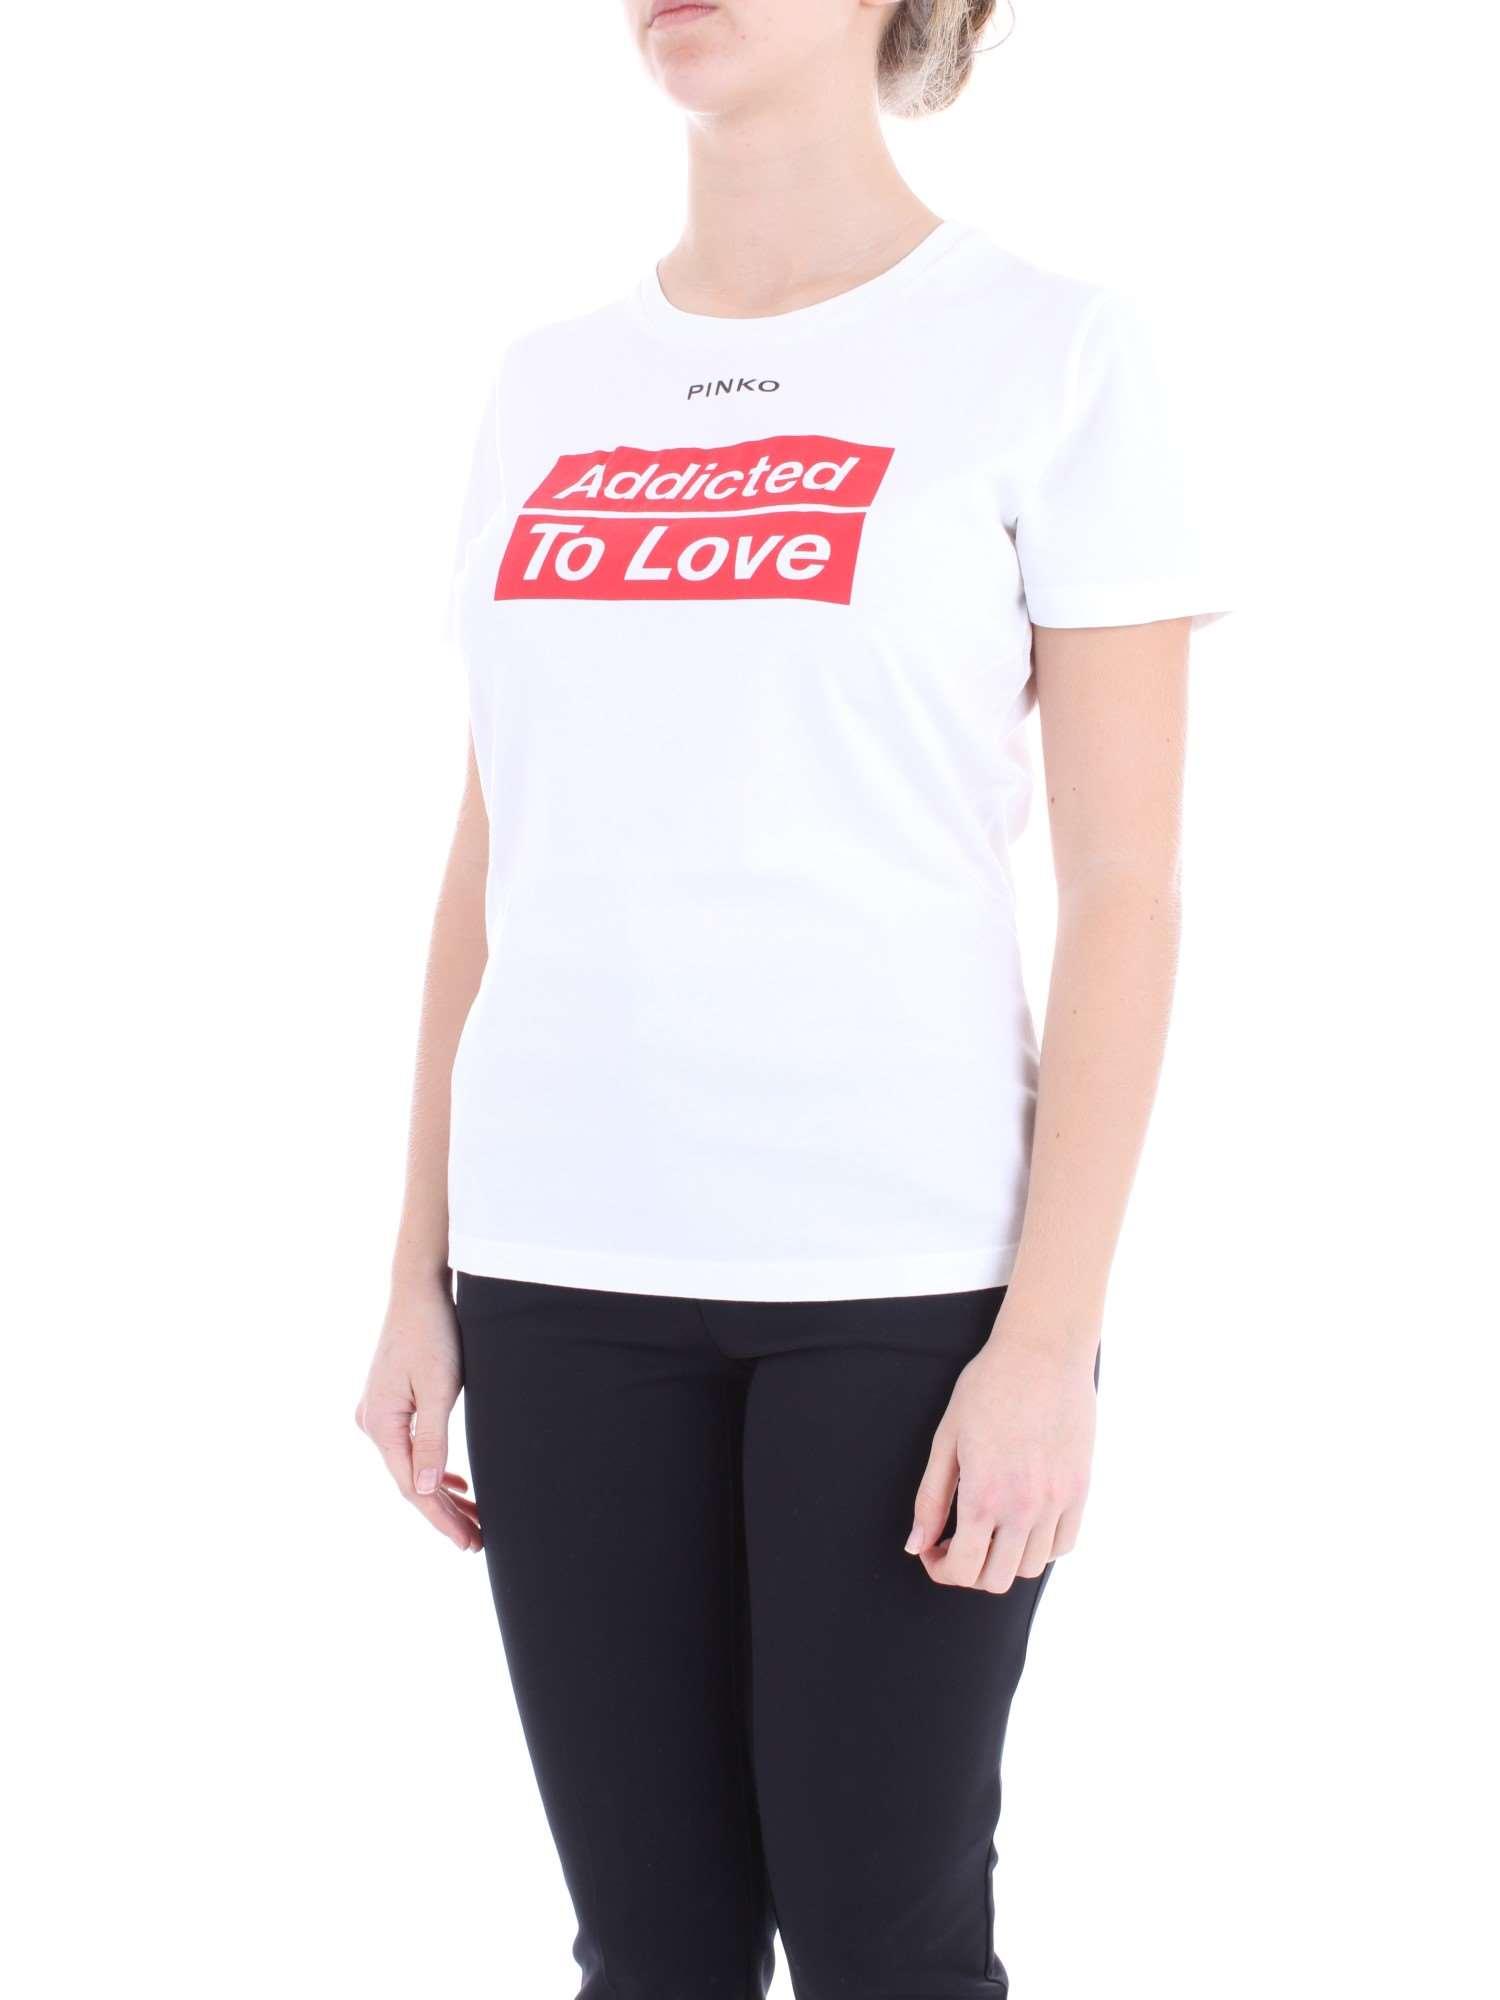 shirt 1g13yd Donna T Y5bd Bianco Primavera z10 Pinko estate Spontaneo aZqPTZH